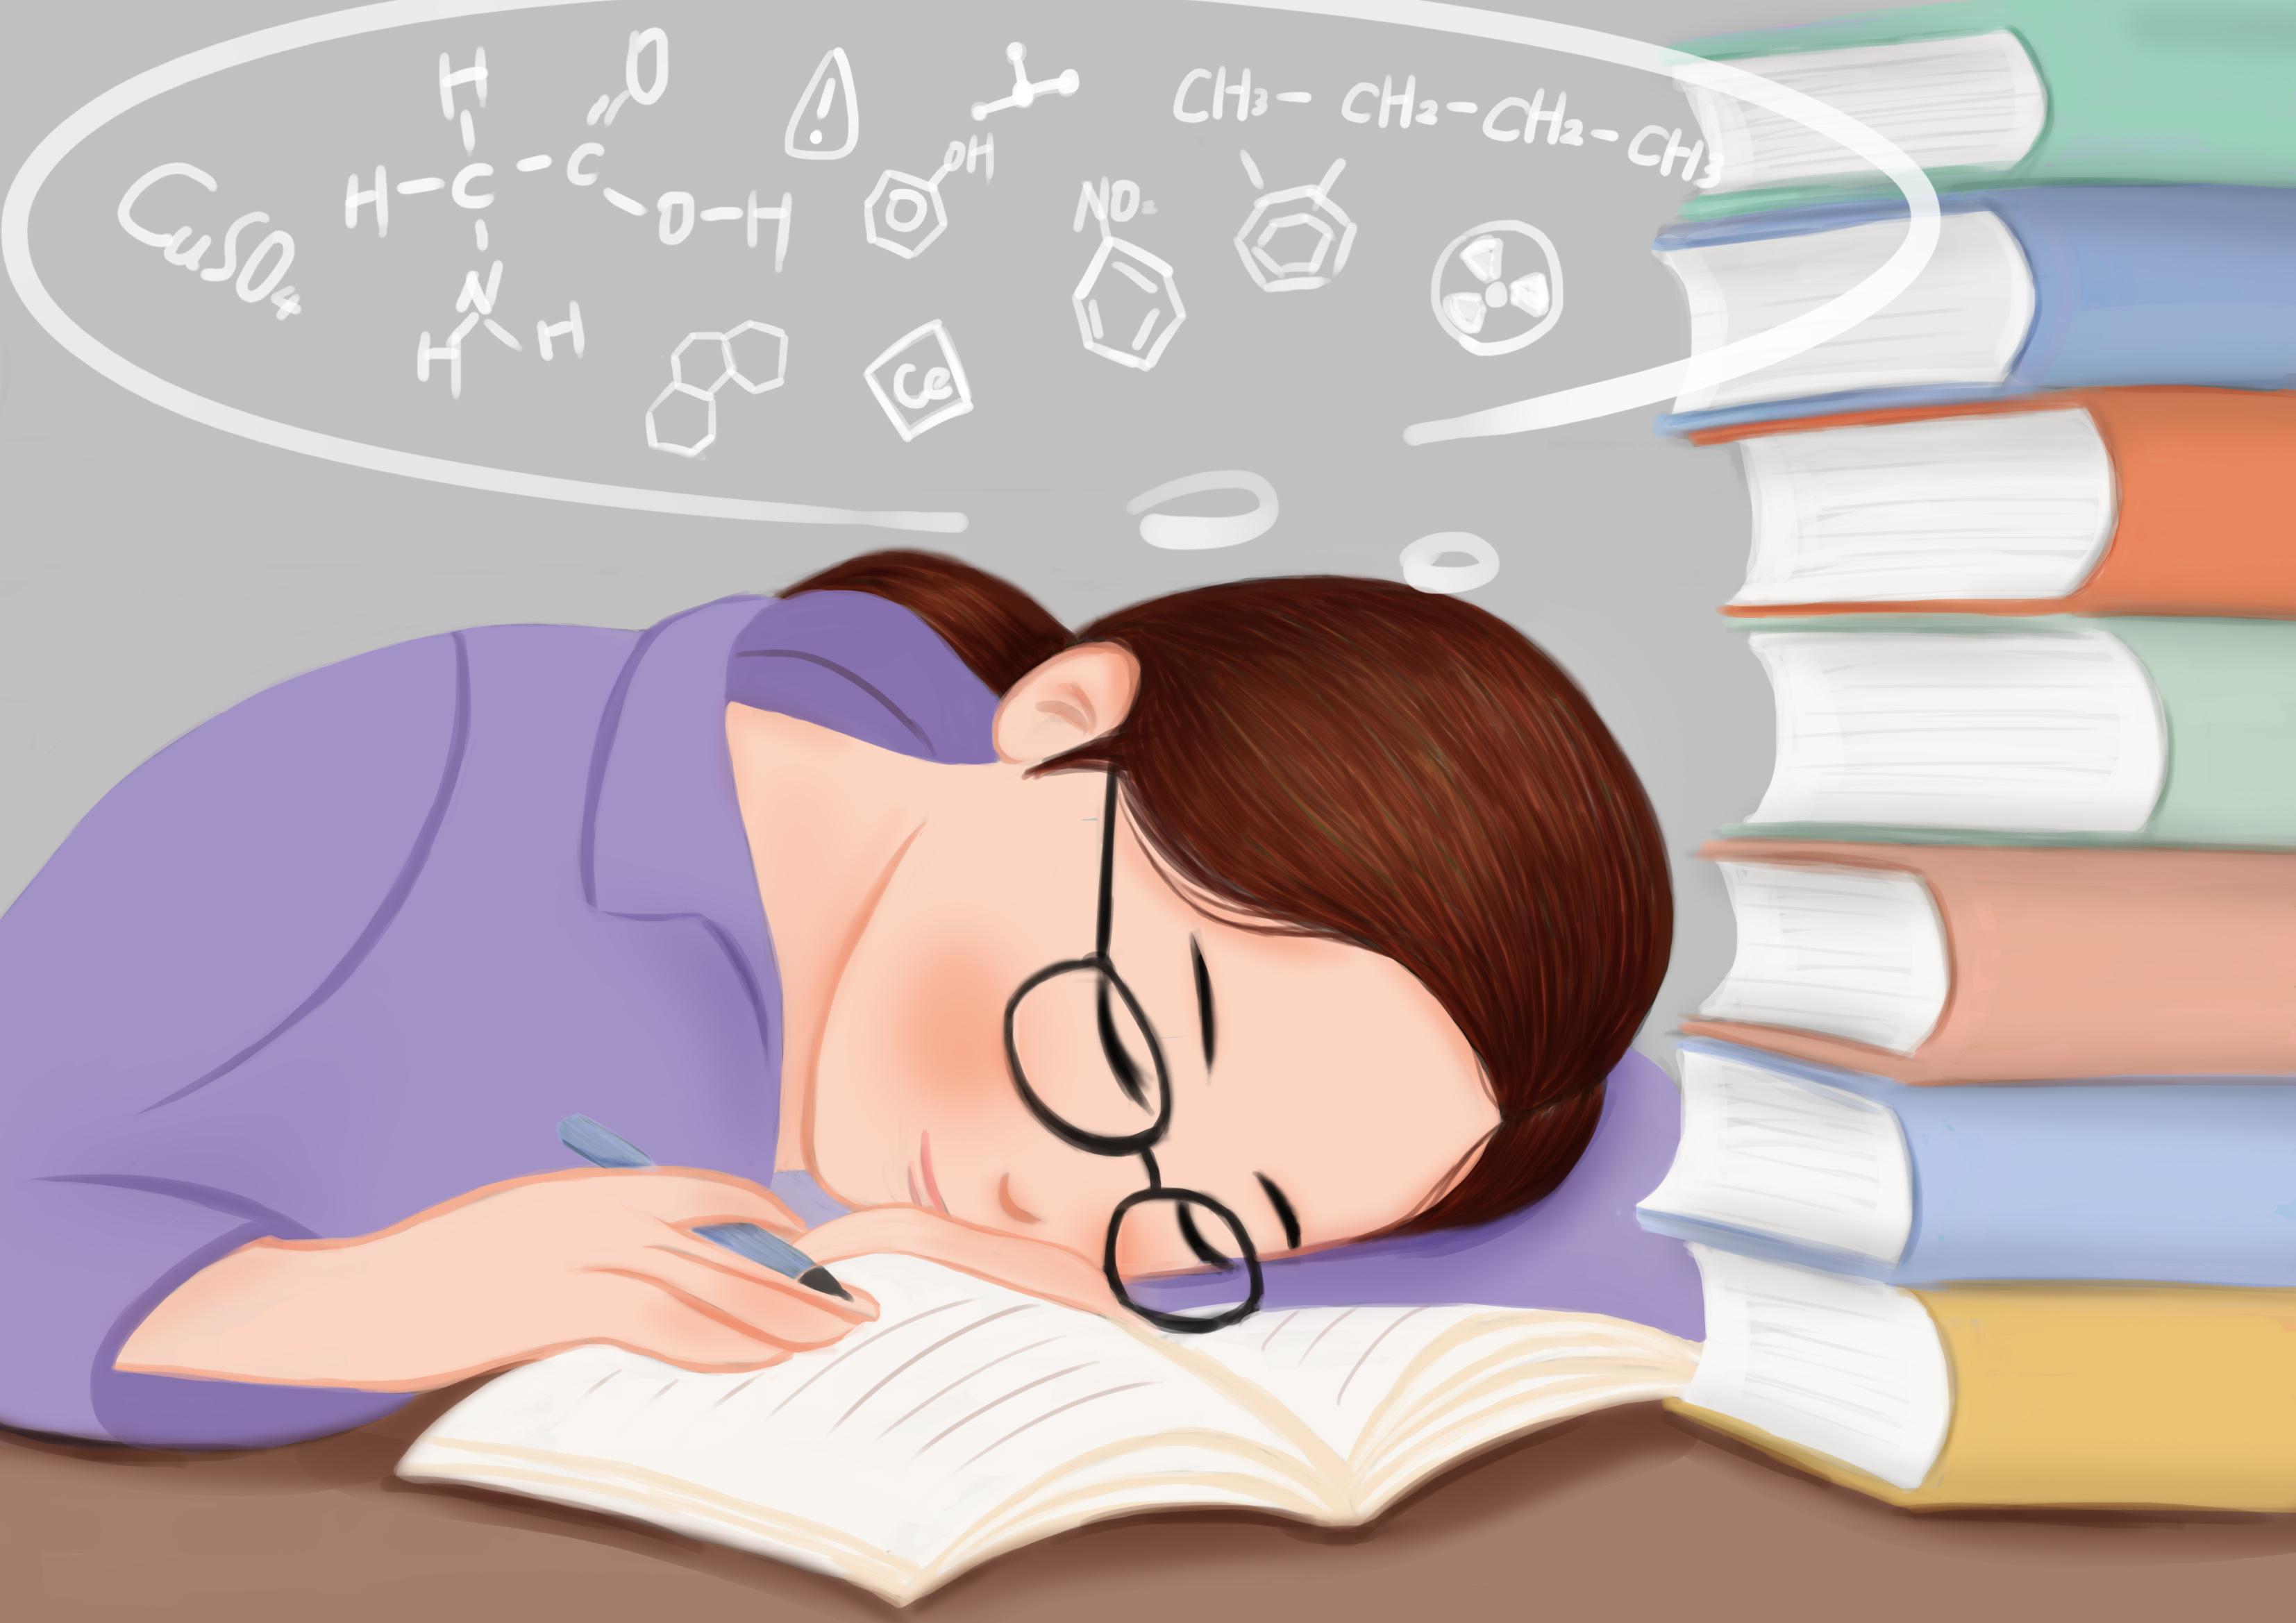 缓解疲劳非咖啡因不可?那是因为你还不够了解支链氨基酸